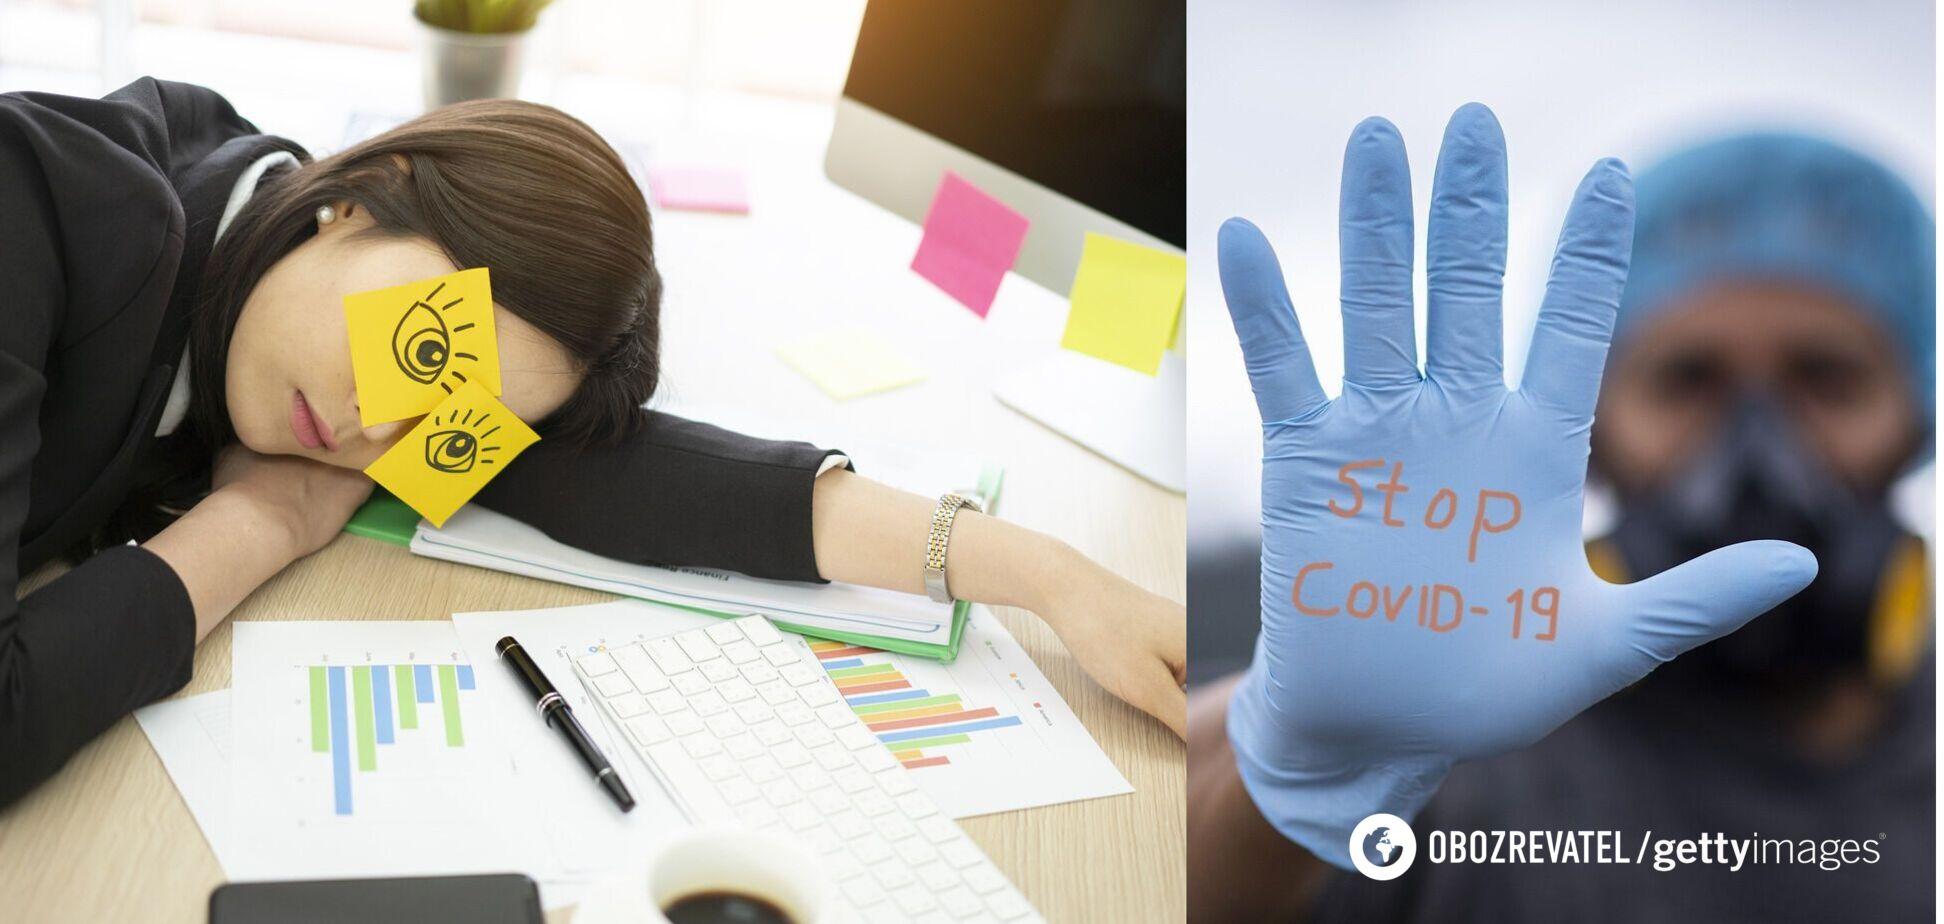 Український науковець розповів, як за допомогою сну зменшити ризик захворювання на COVID-19